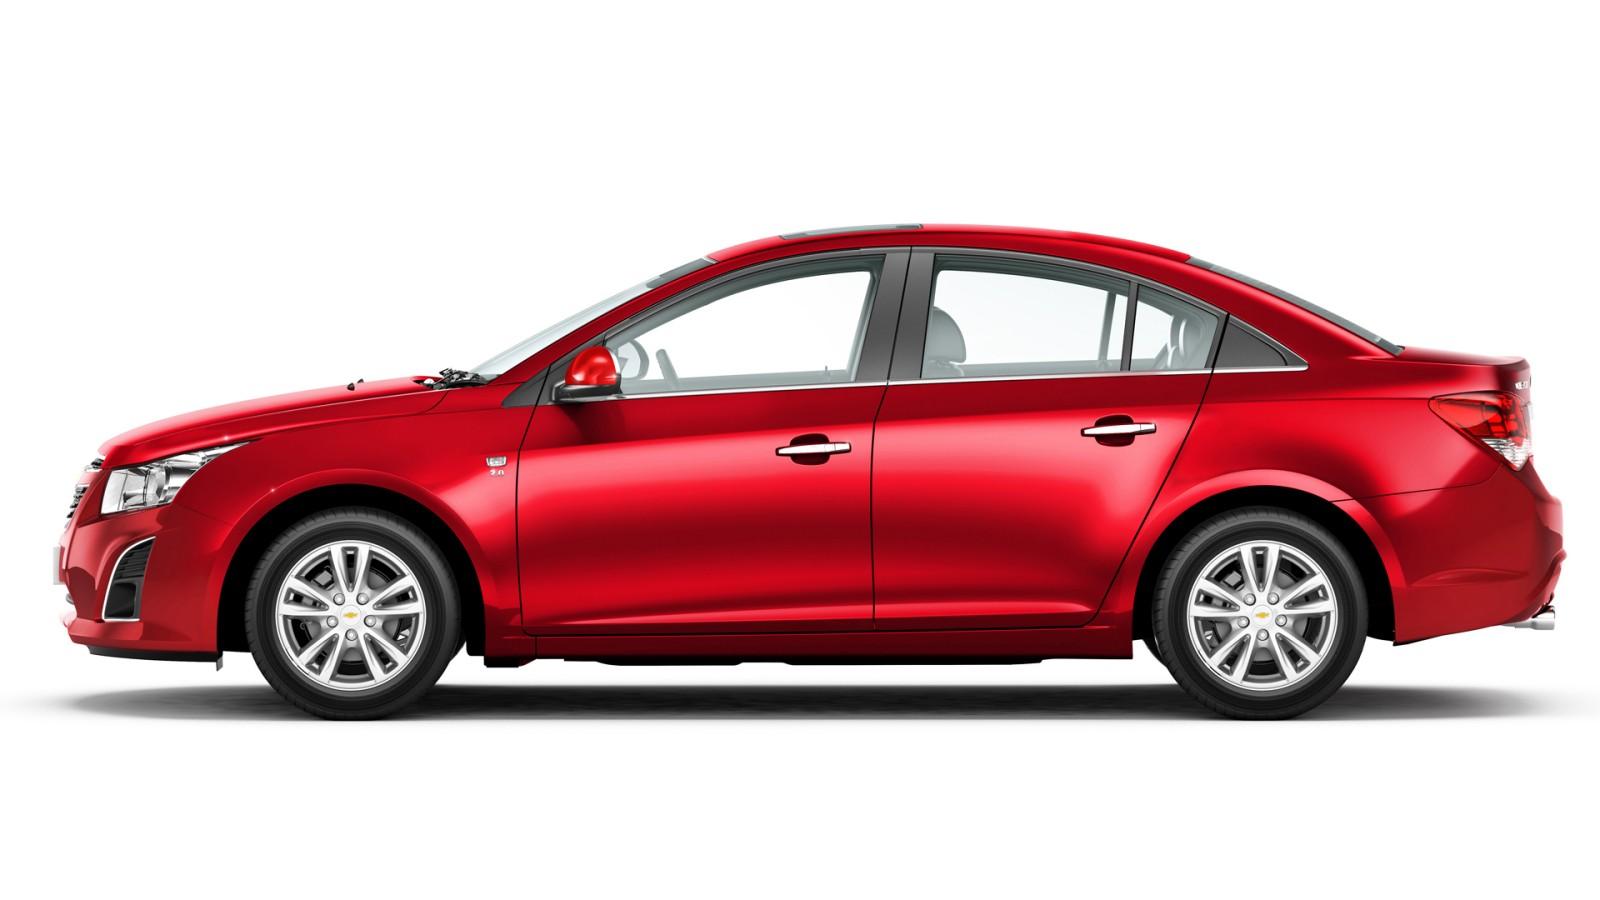 2013-Chevrolet-Cruze-Facelift-Pics (4)